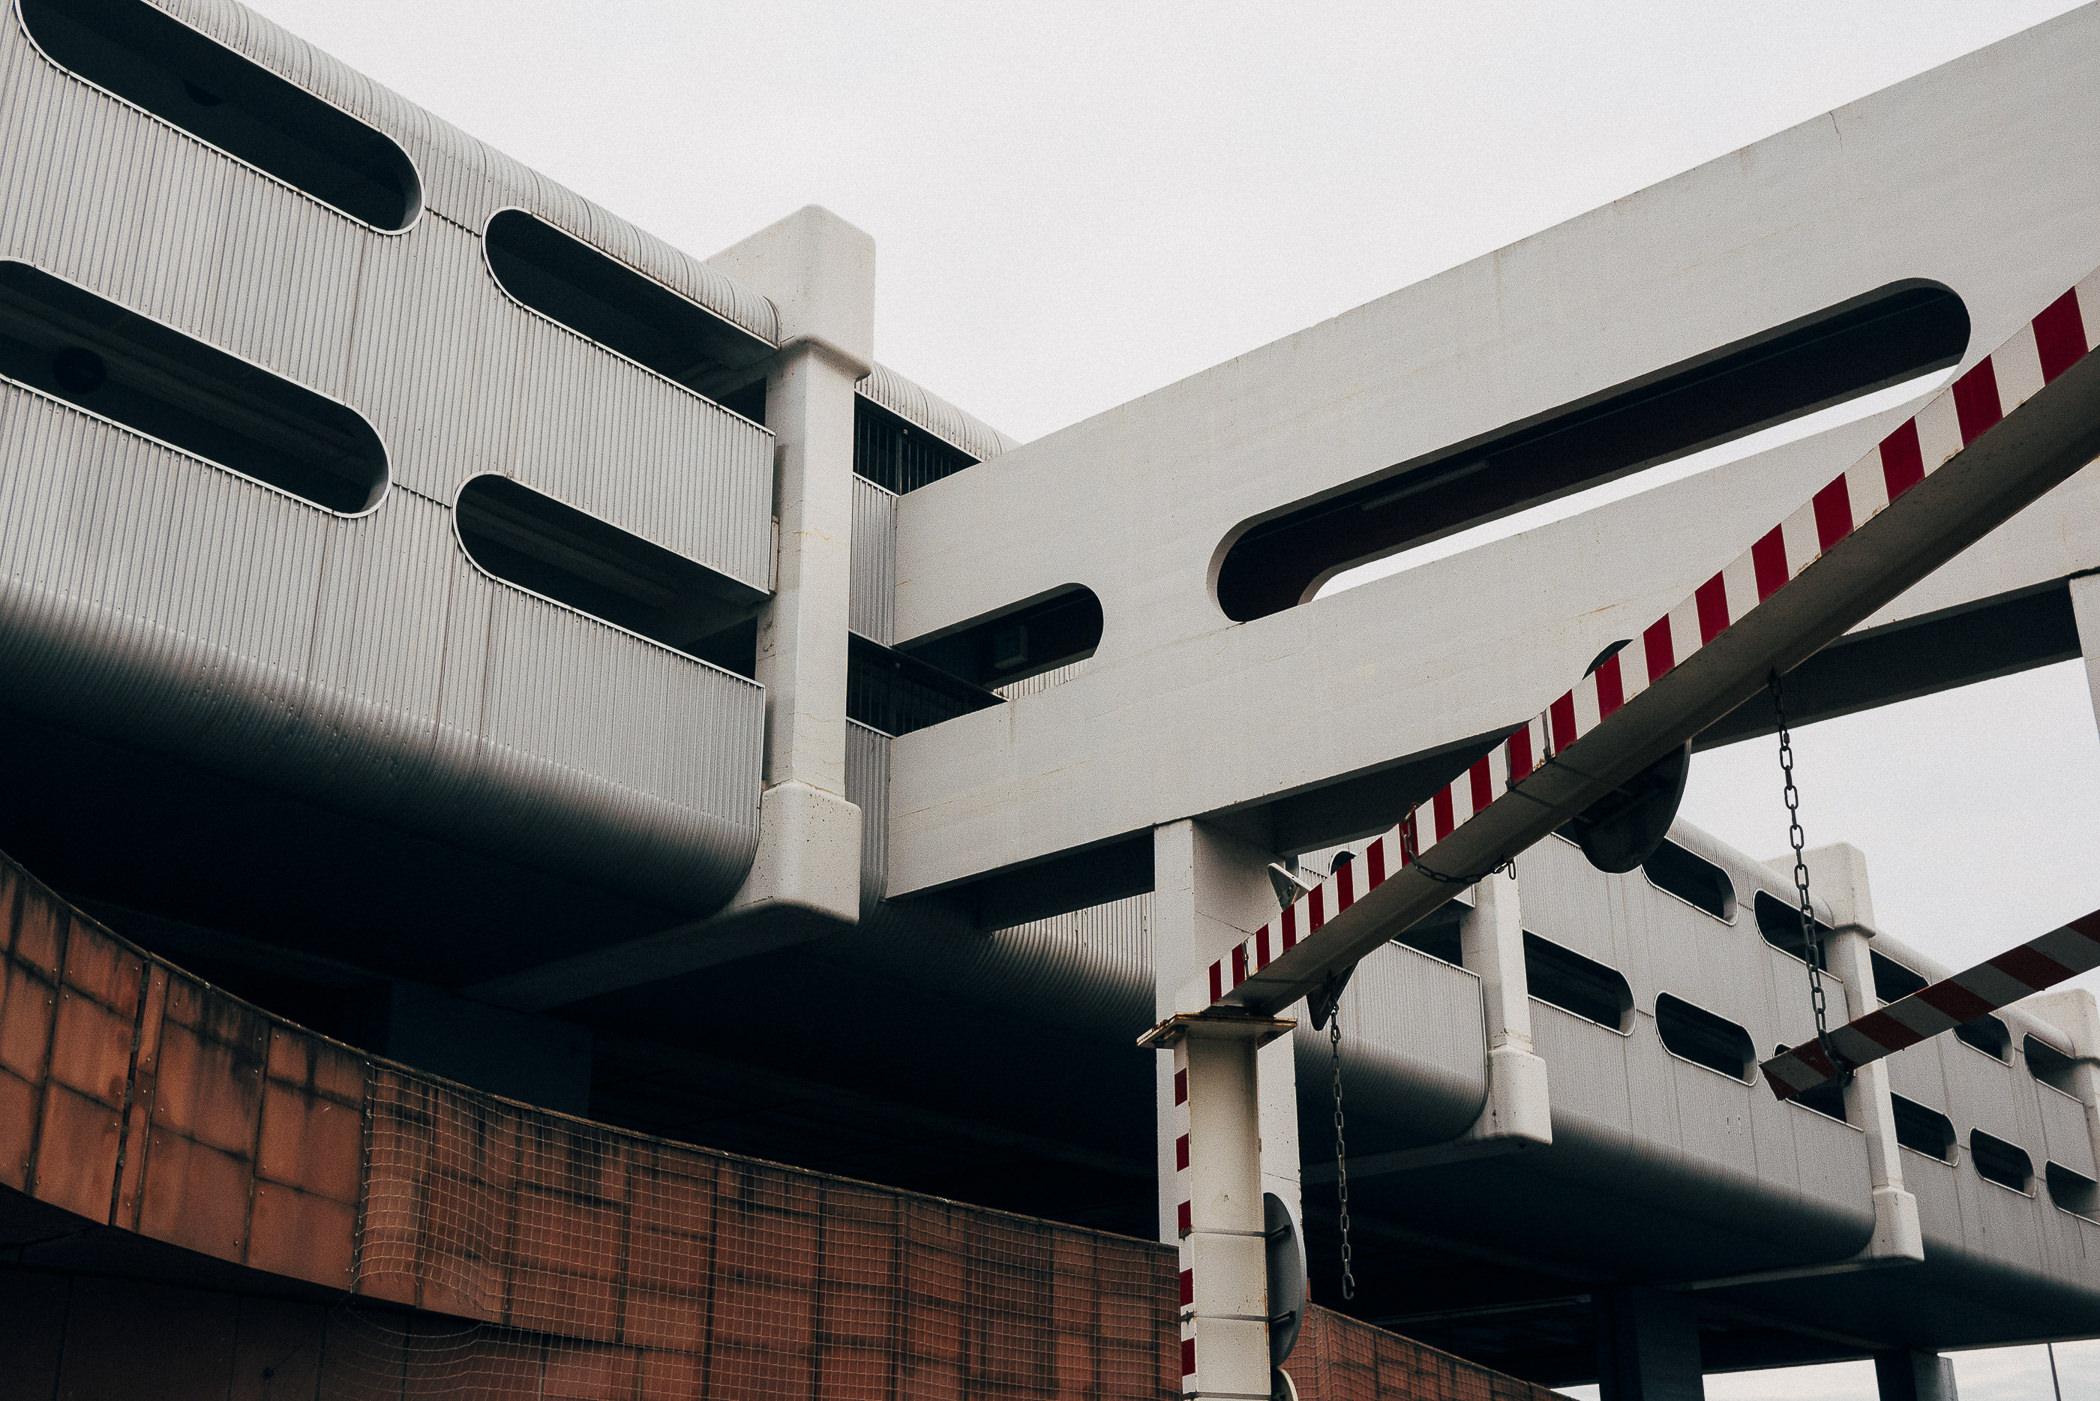 ARCHITECTURE_60.jpg